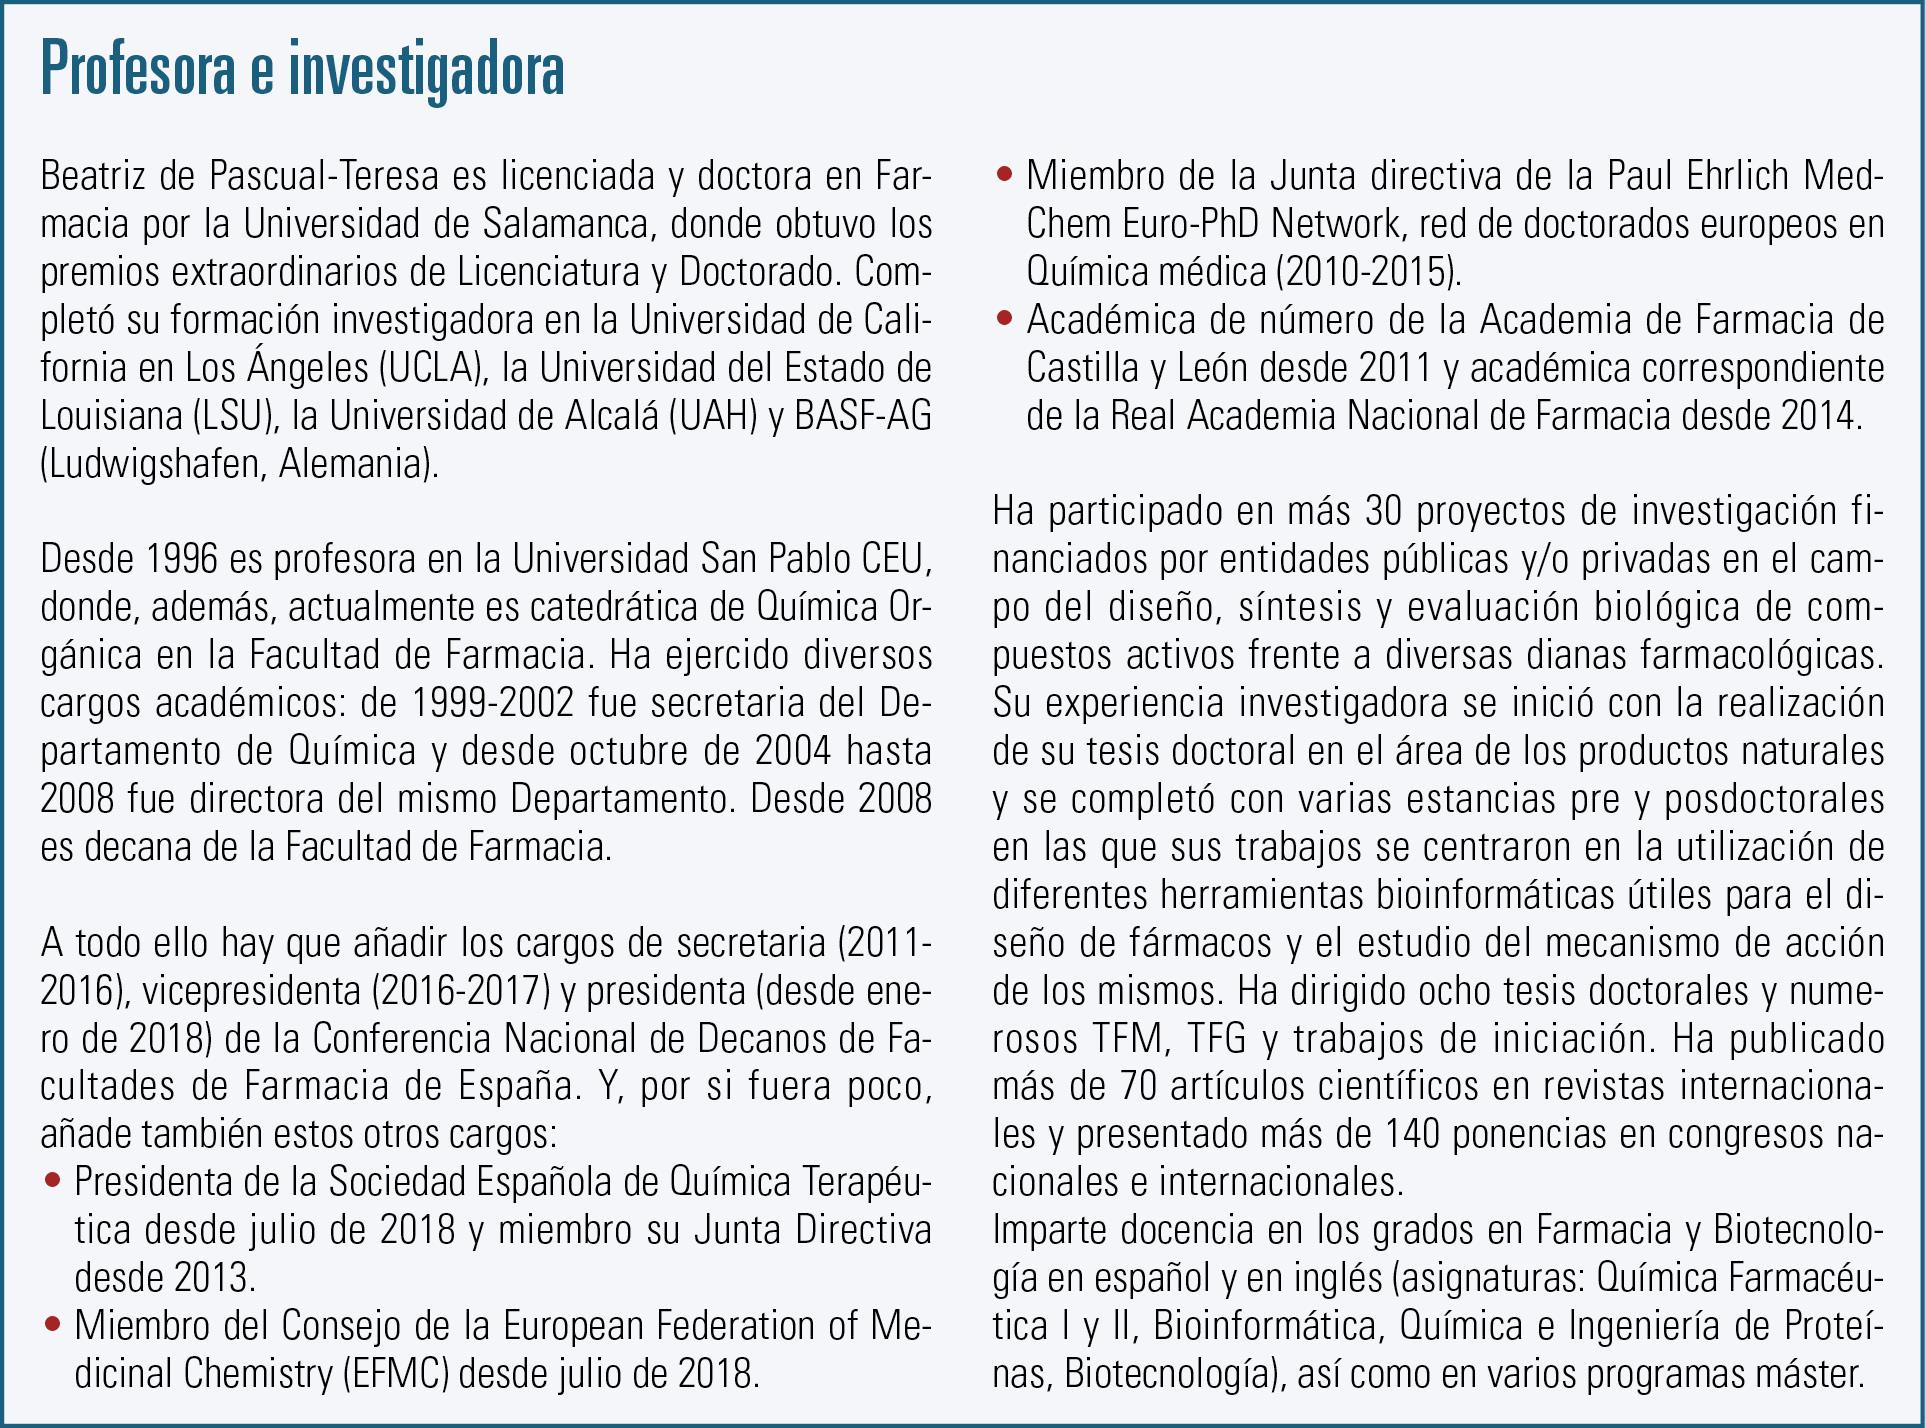 12 EF586 MUJER Y FARMACIA Beatriz de Pascual recuadro